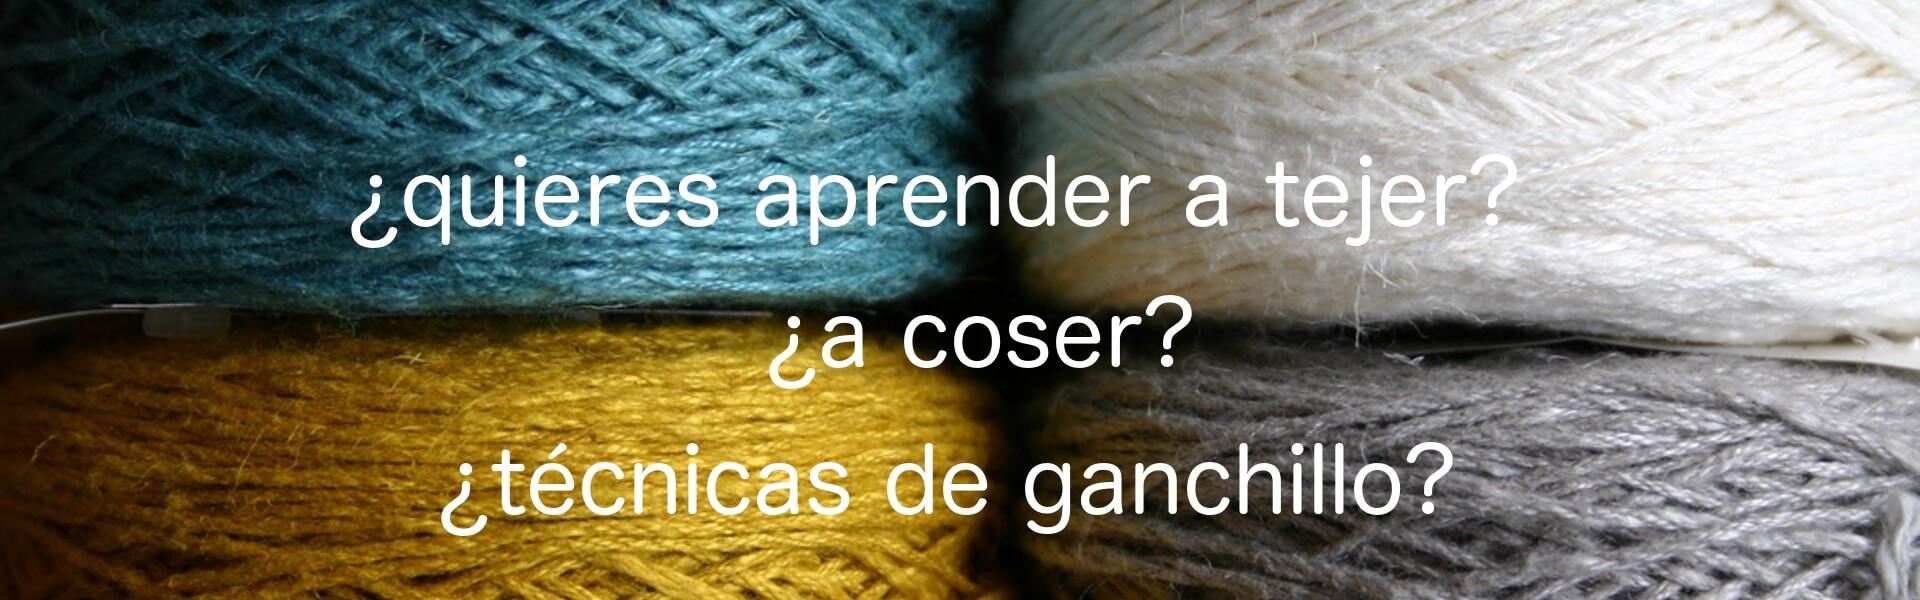 ¿Quieres aprender a tejer?